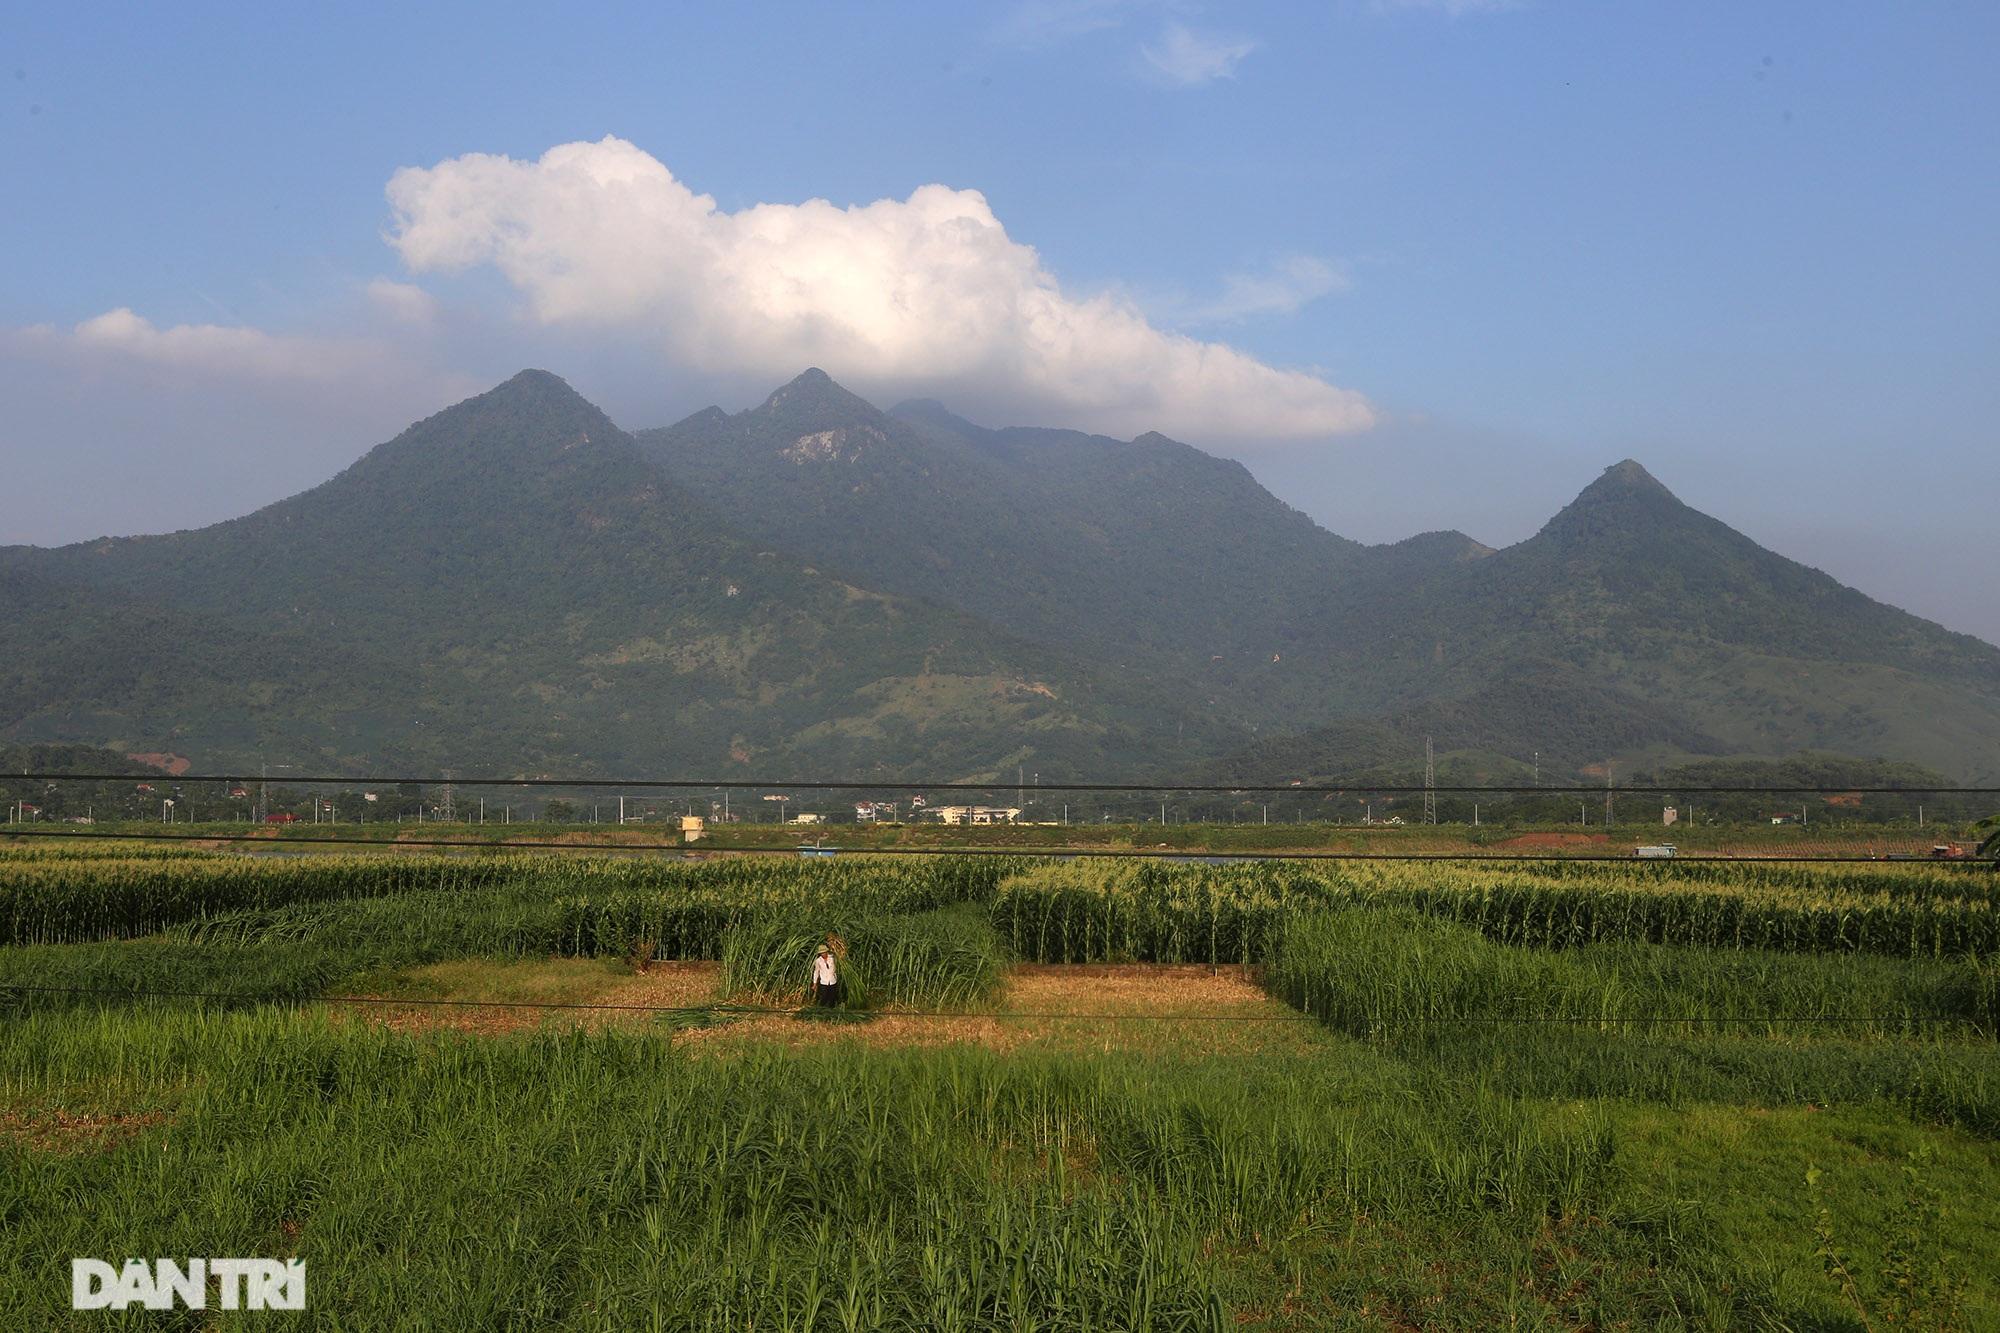 Núi thiêng gần Hà Nội đẹp mê mải nhìn từ muôn phương tám hướng - 15